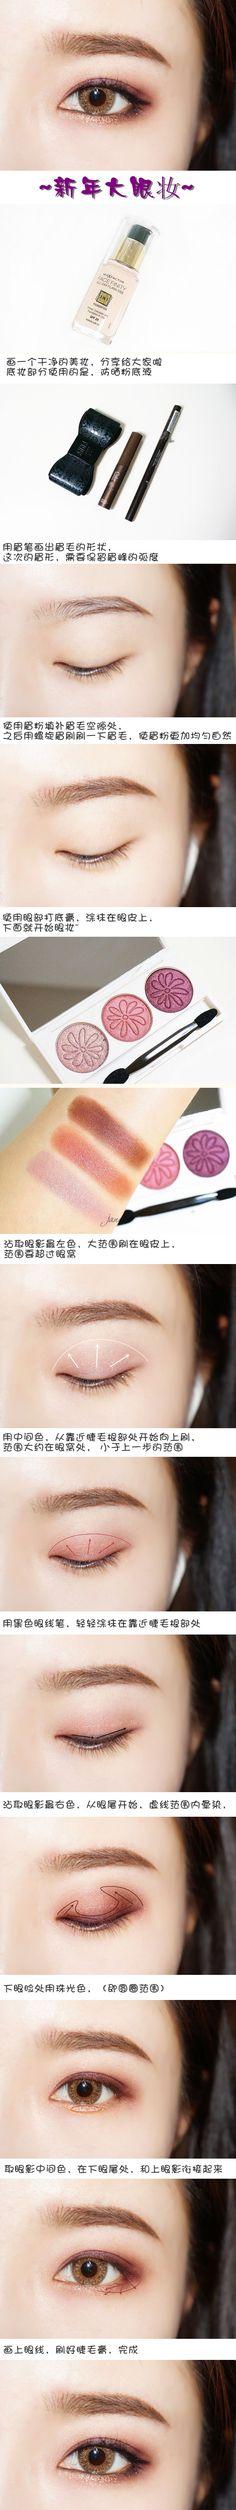 asian makeup tutorial